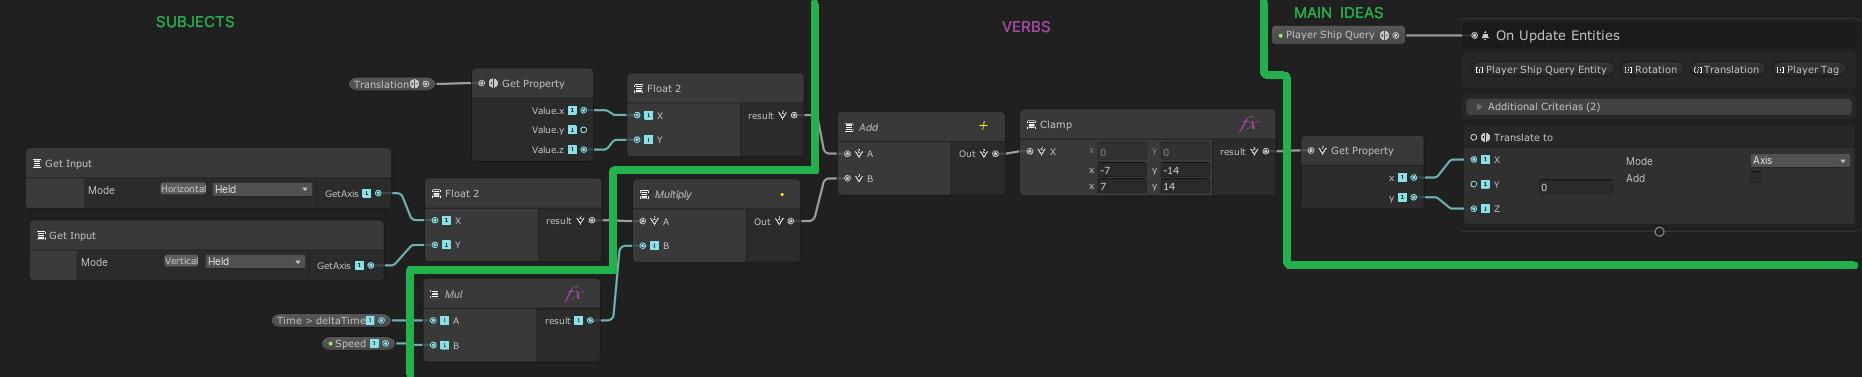 visual-scripting-language.png